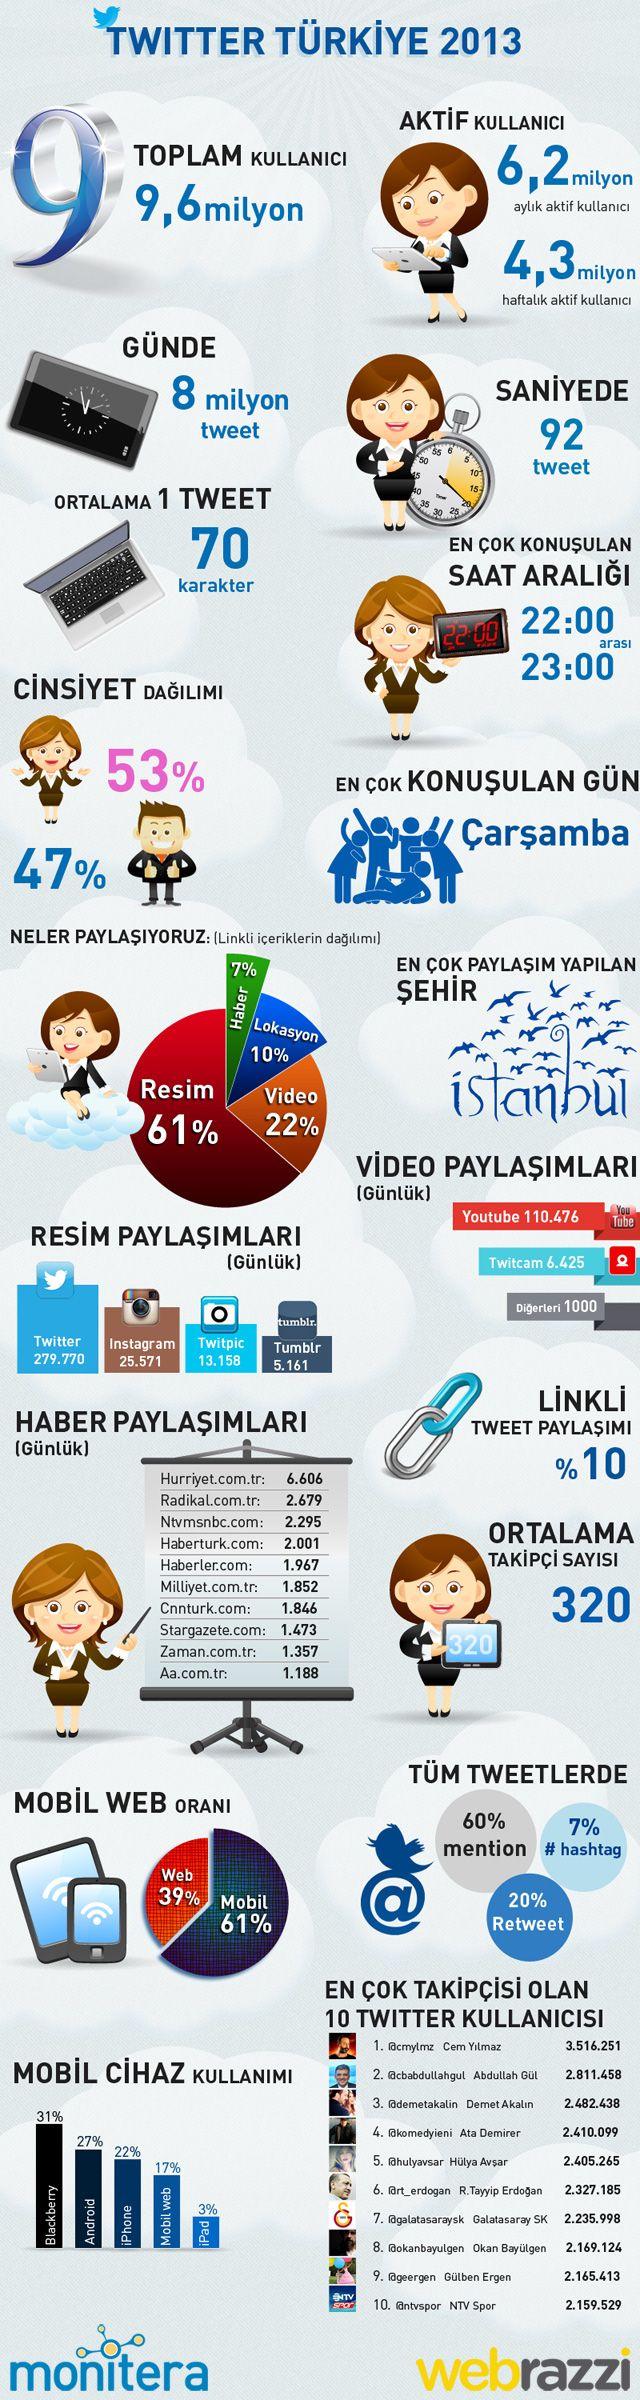 Twitter Türkiye 2013